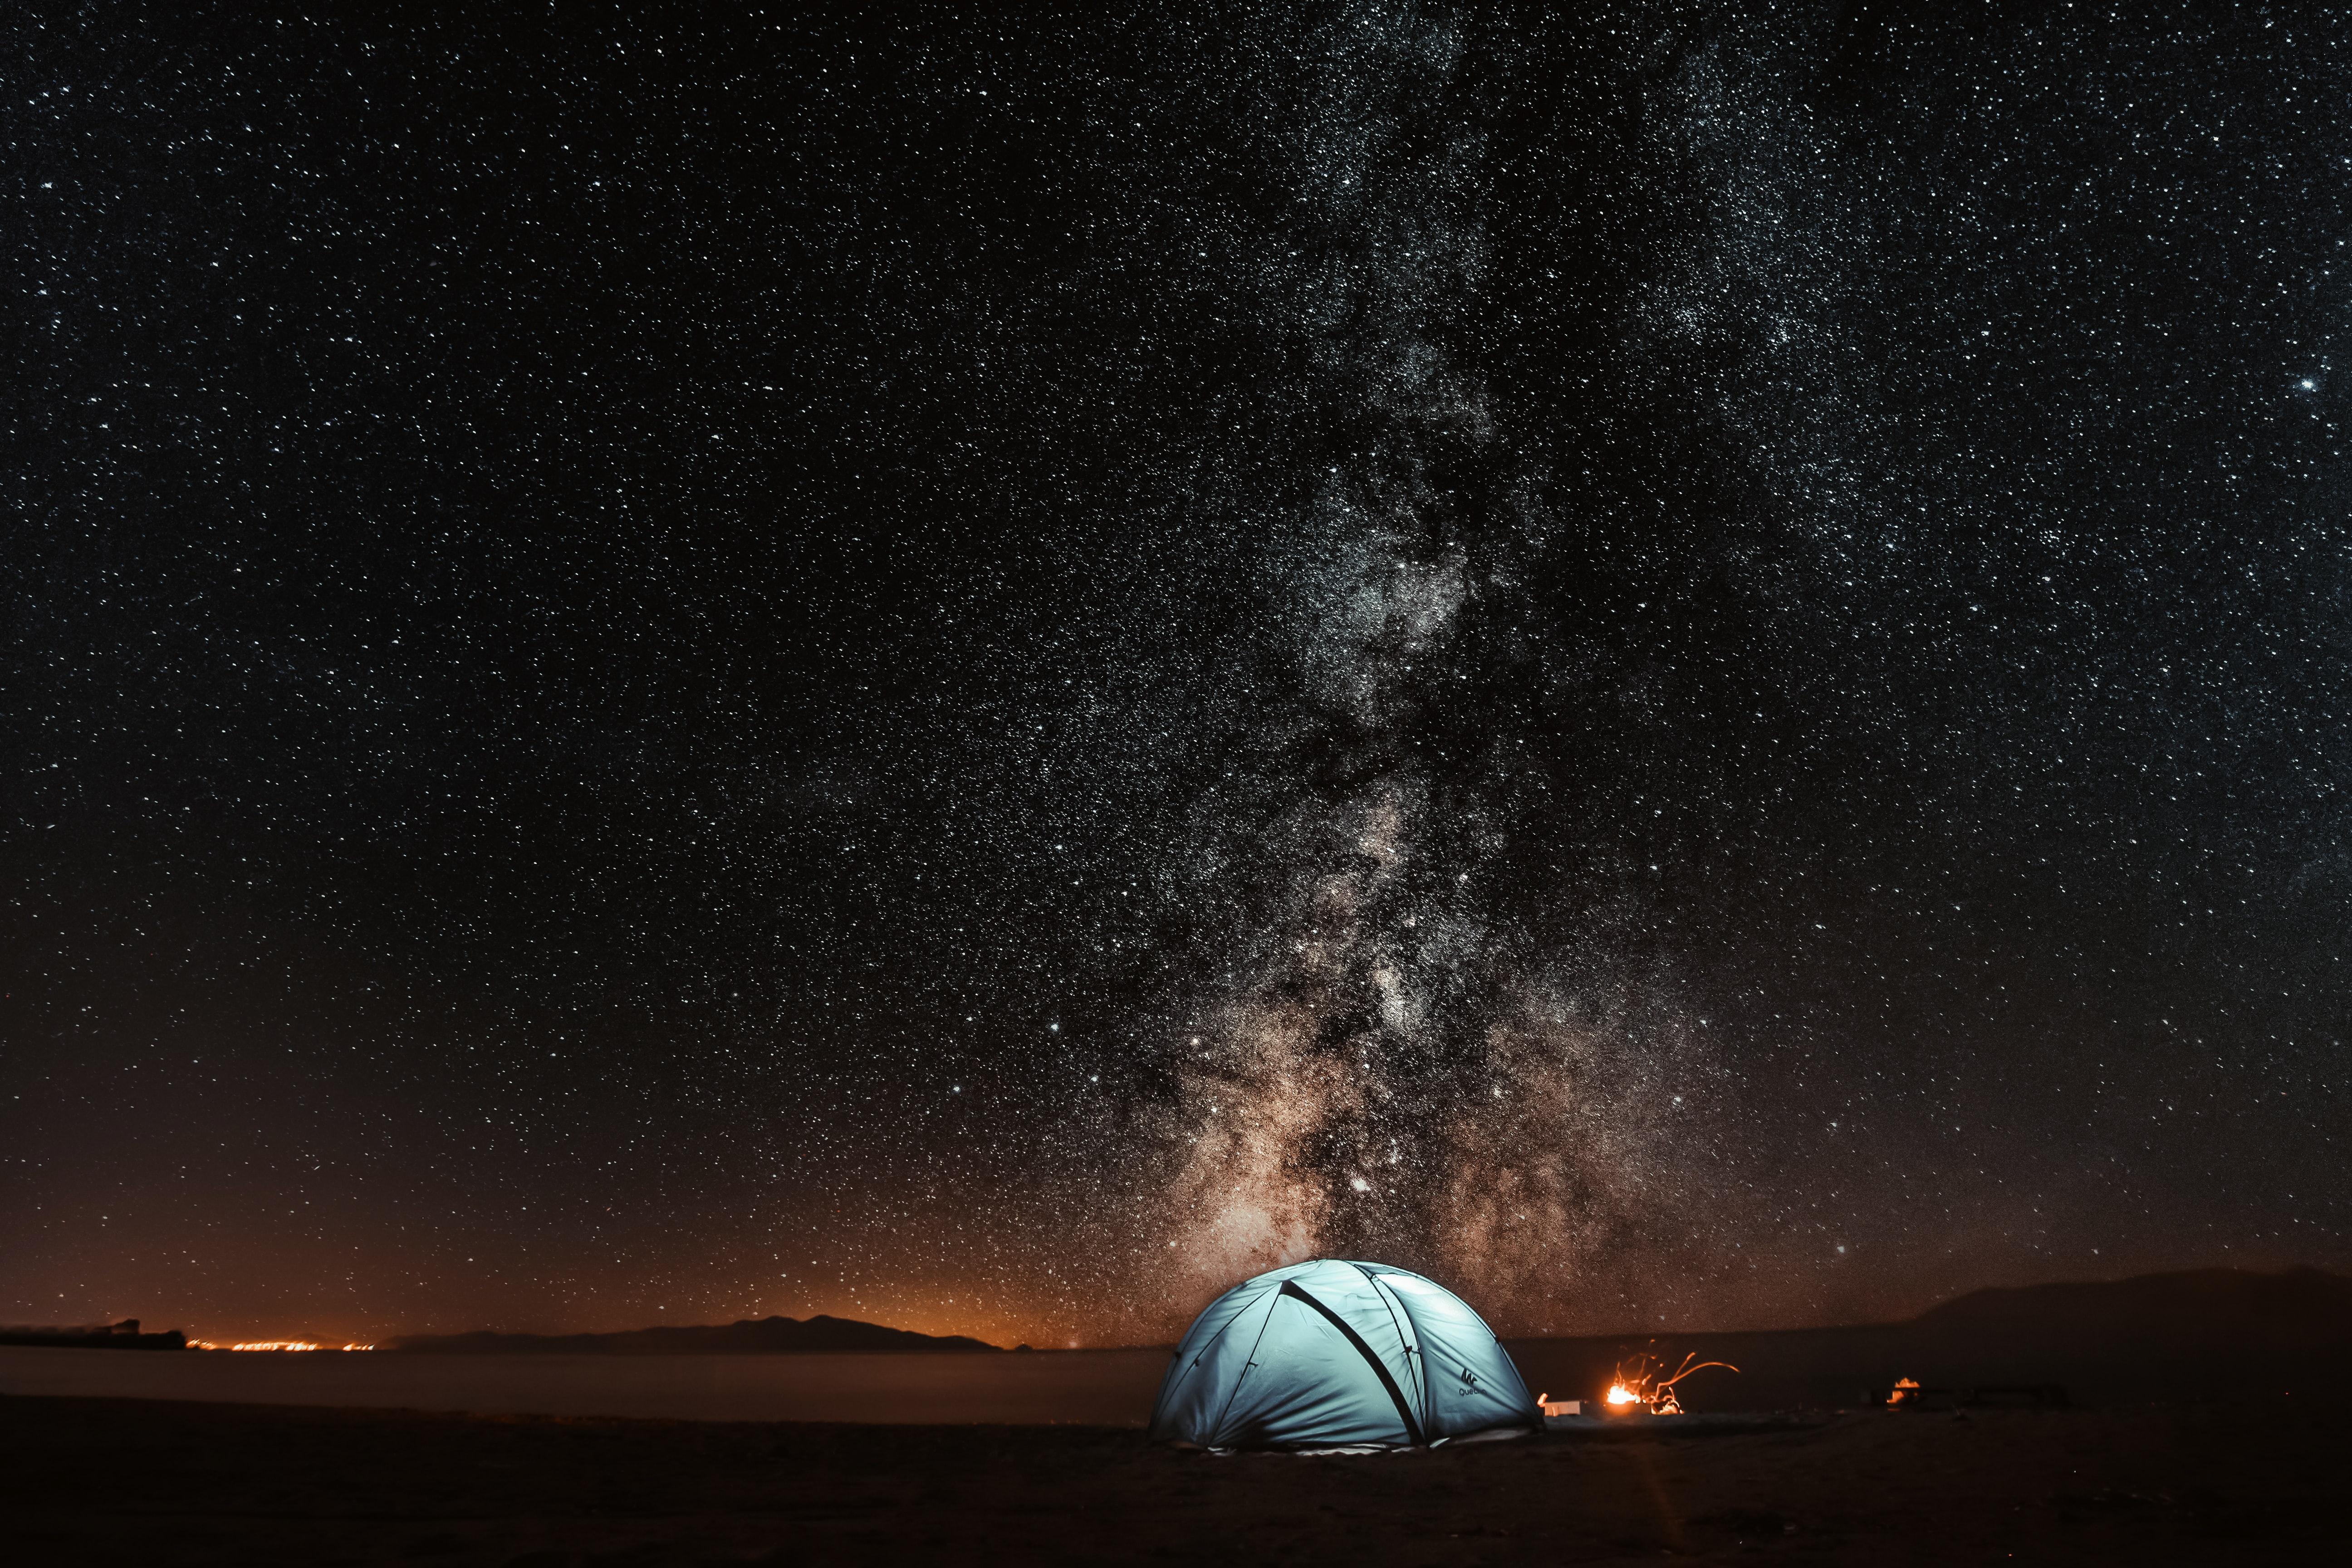 çadır doğa kamp samanyolu gece yıldızlar